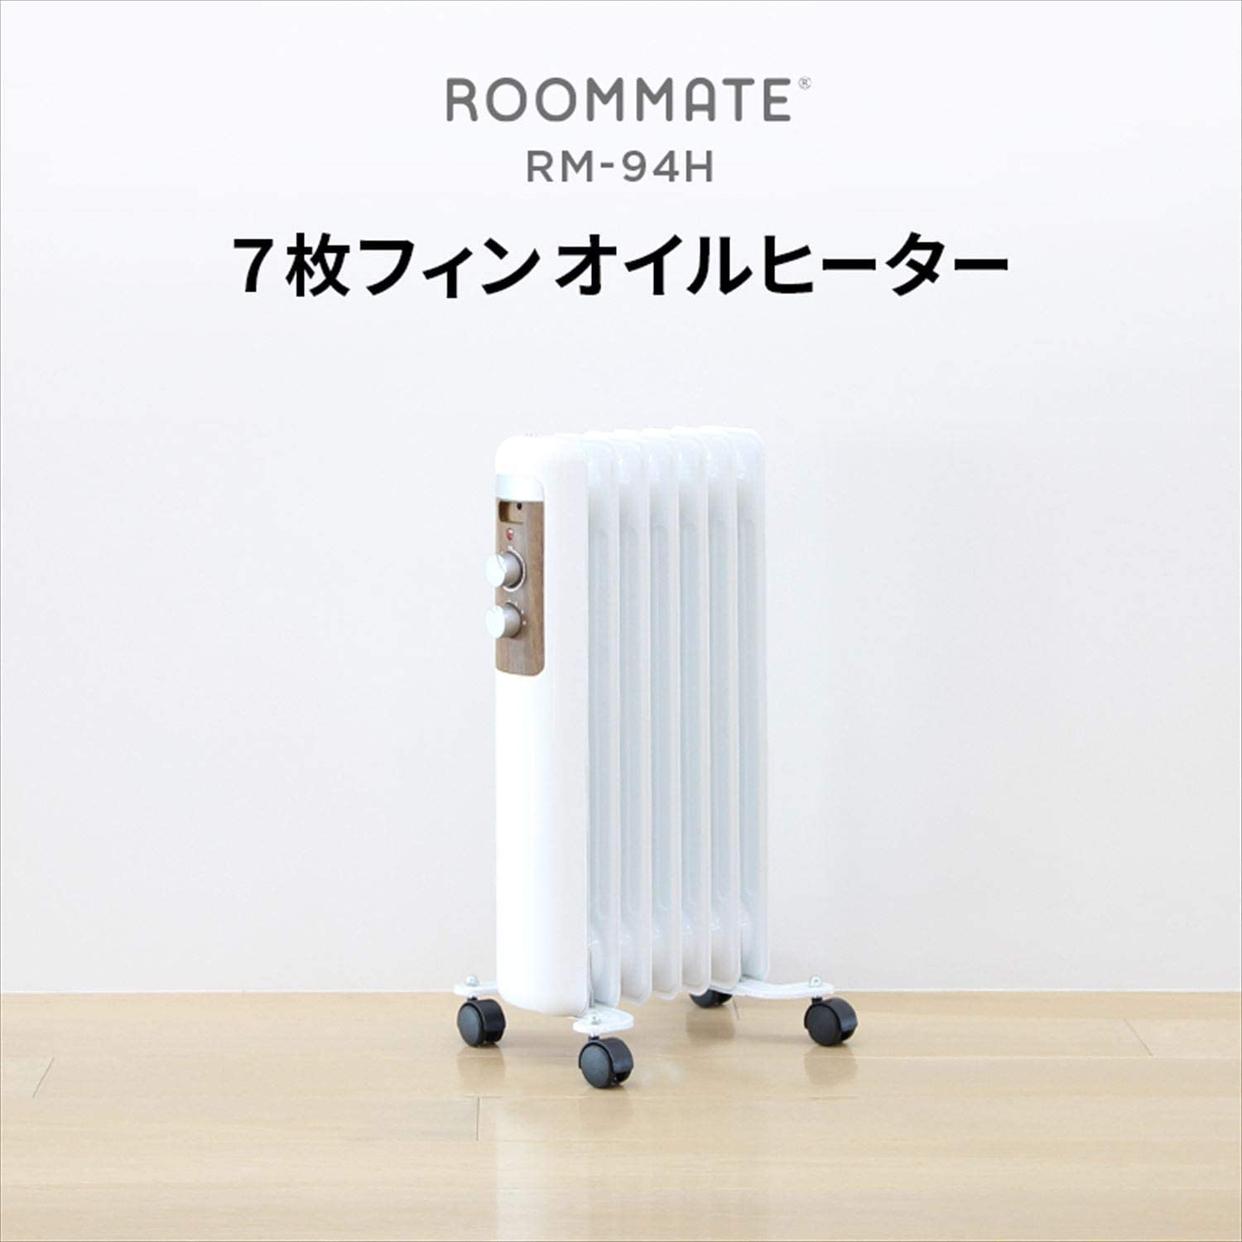 ROOMMATE(ルームメイト) 7枚フィンオイルヒーター RM-94Hの商品画像2